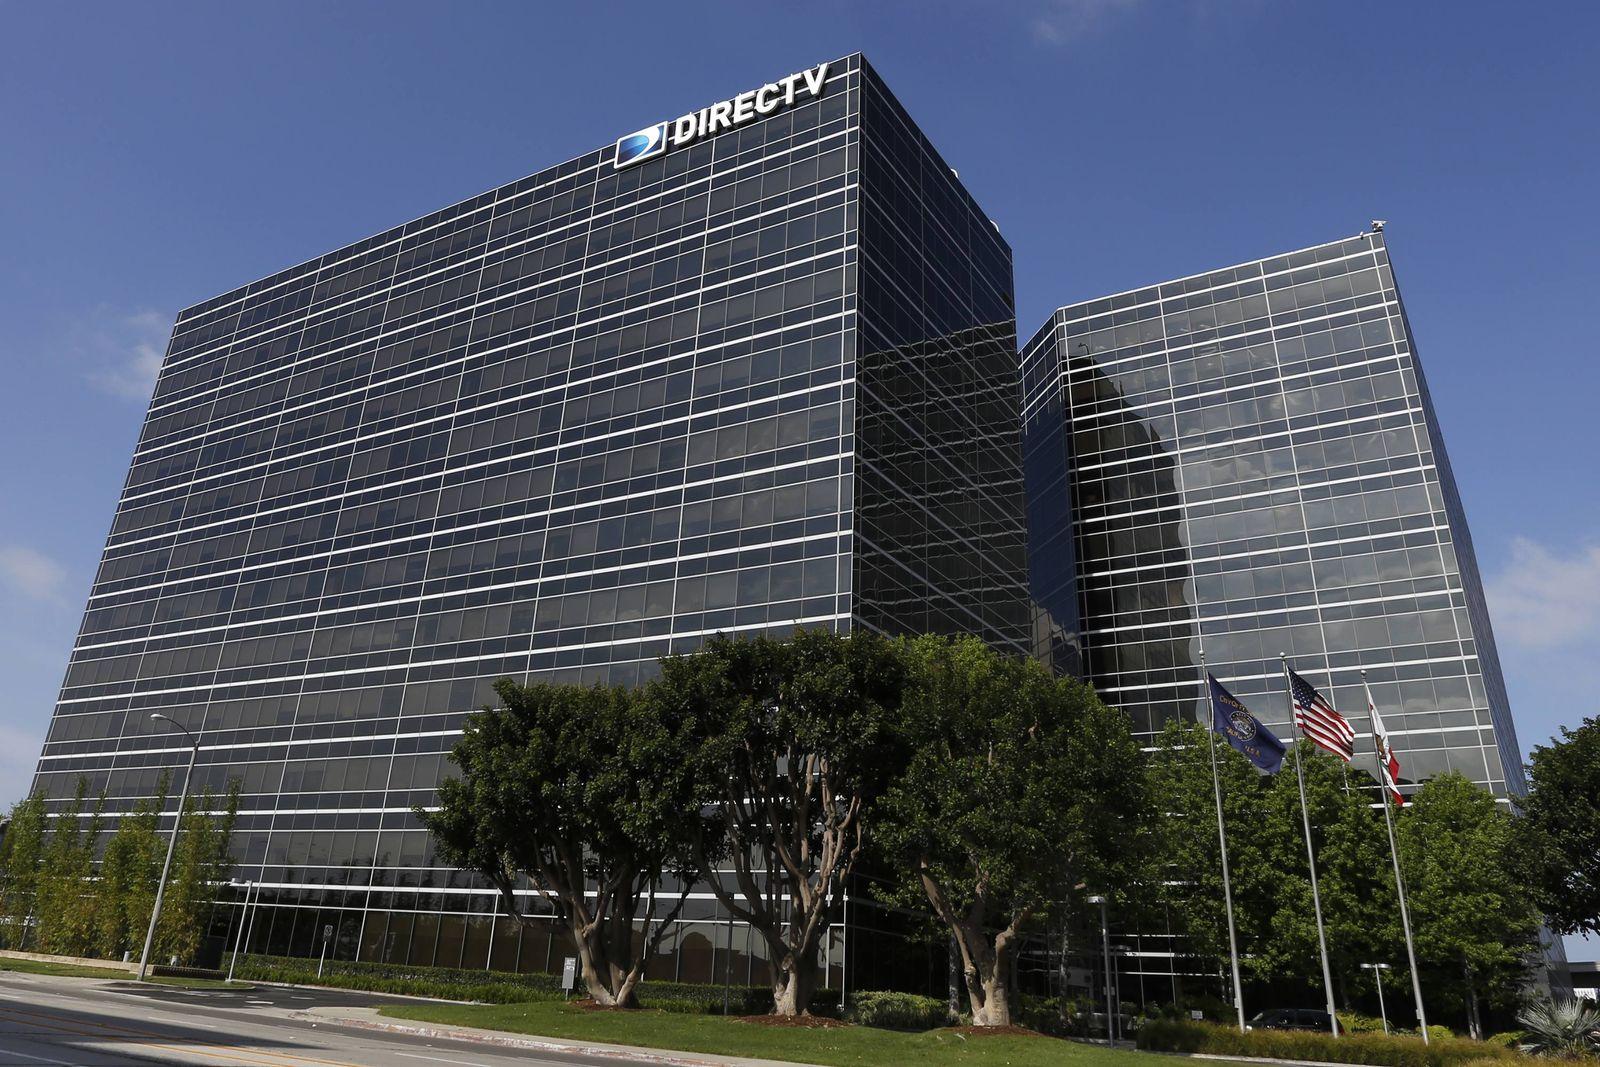 USAMERGERS/AT&TDIRECTV